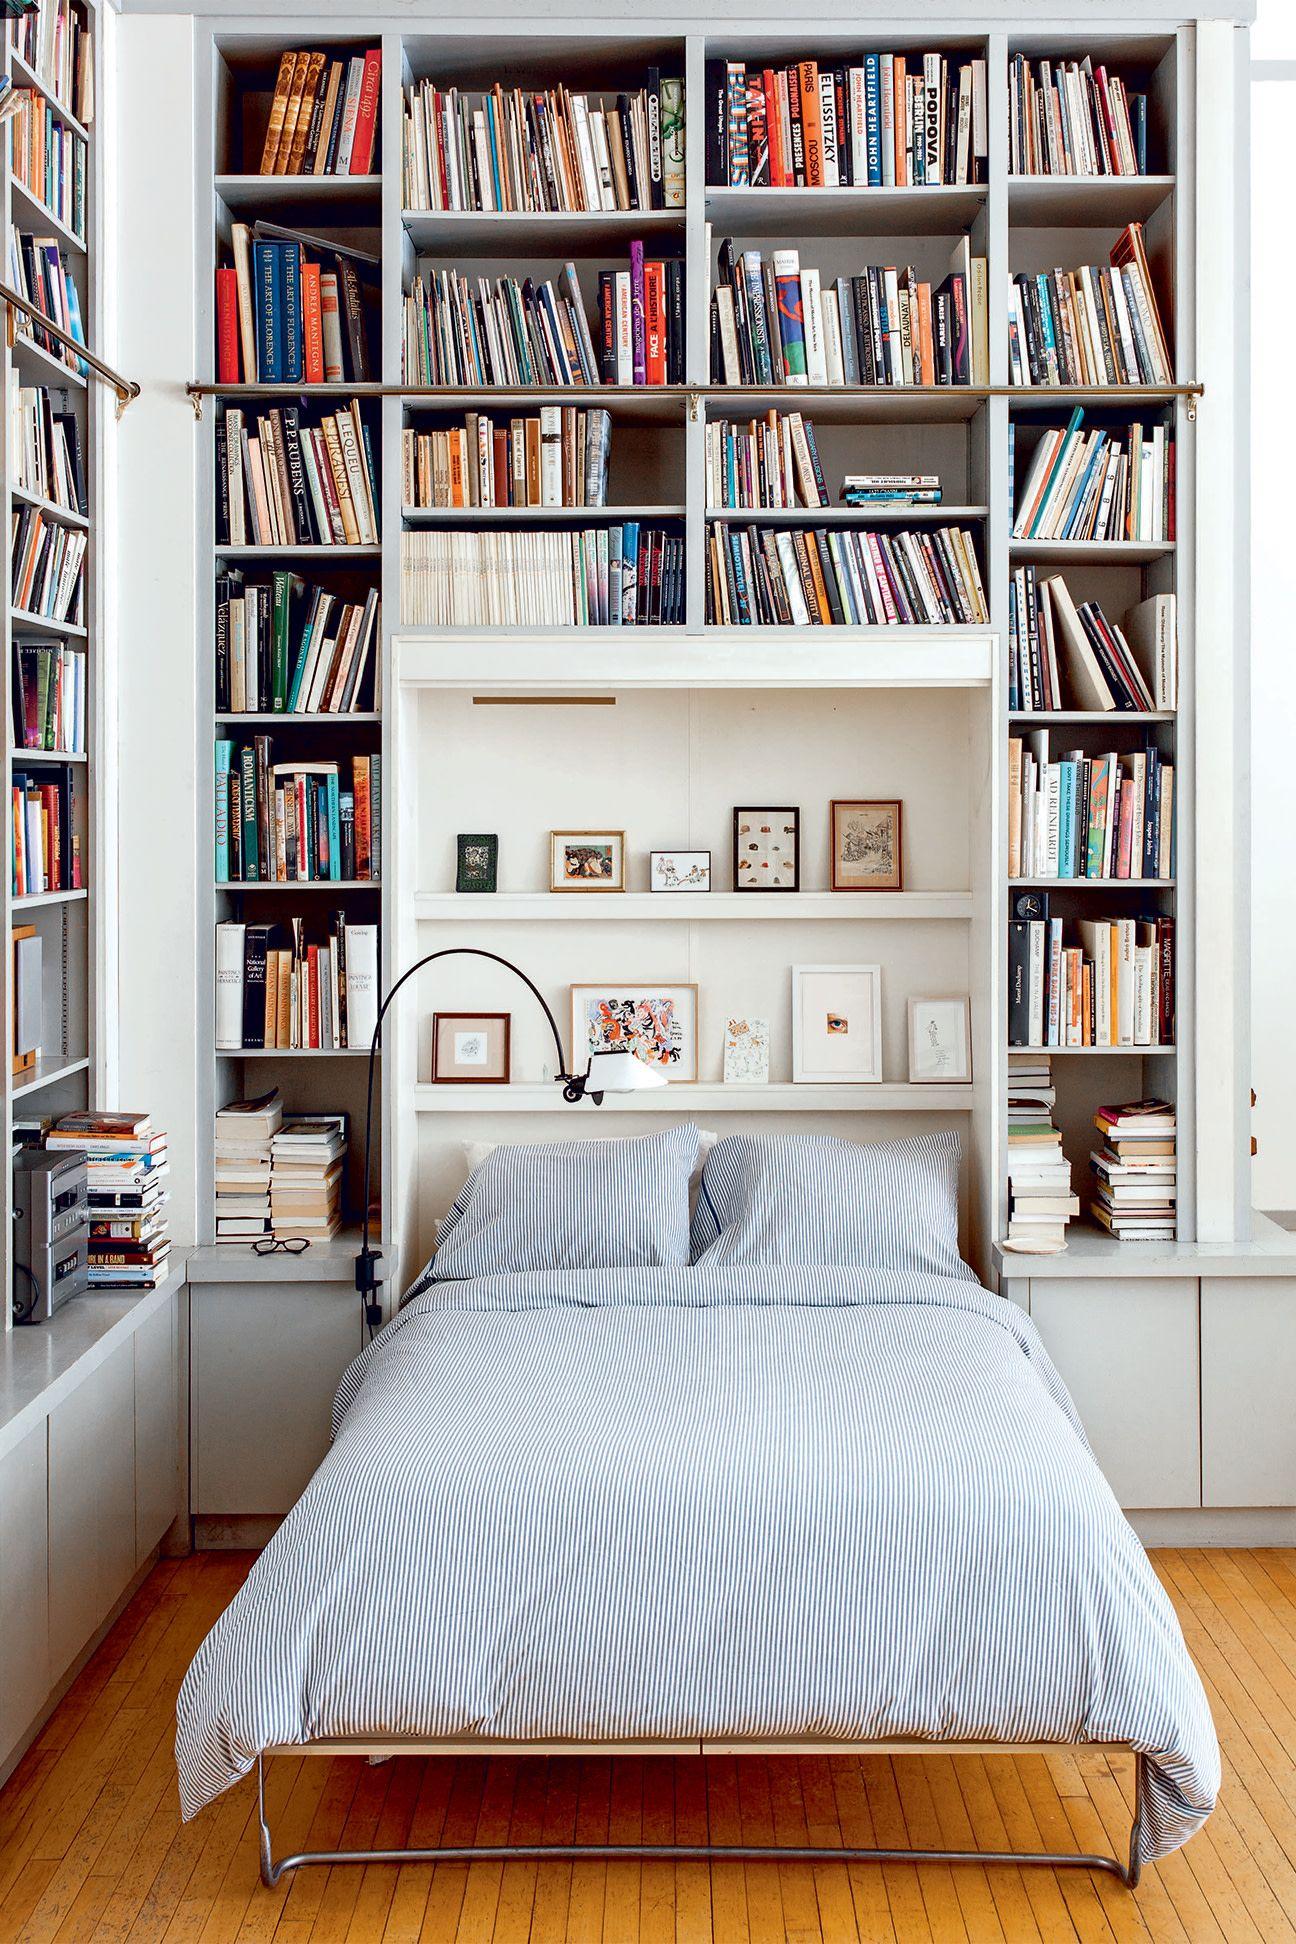 Illustrator Joana Avillez S Apartment Is A Book Lover S Dream Bookshelves In Bedroom Murphy Bed Bookcase Floor To Ceiling Bookshelves